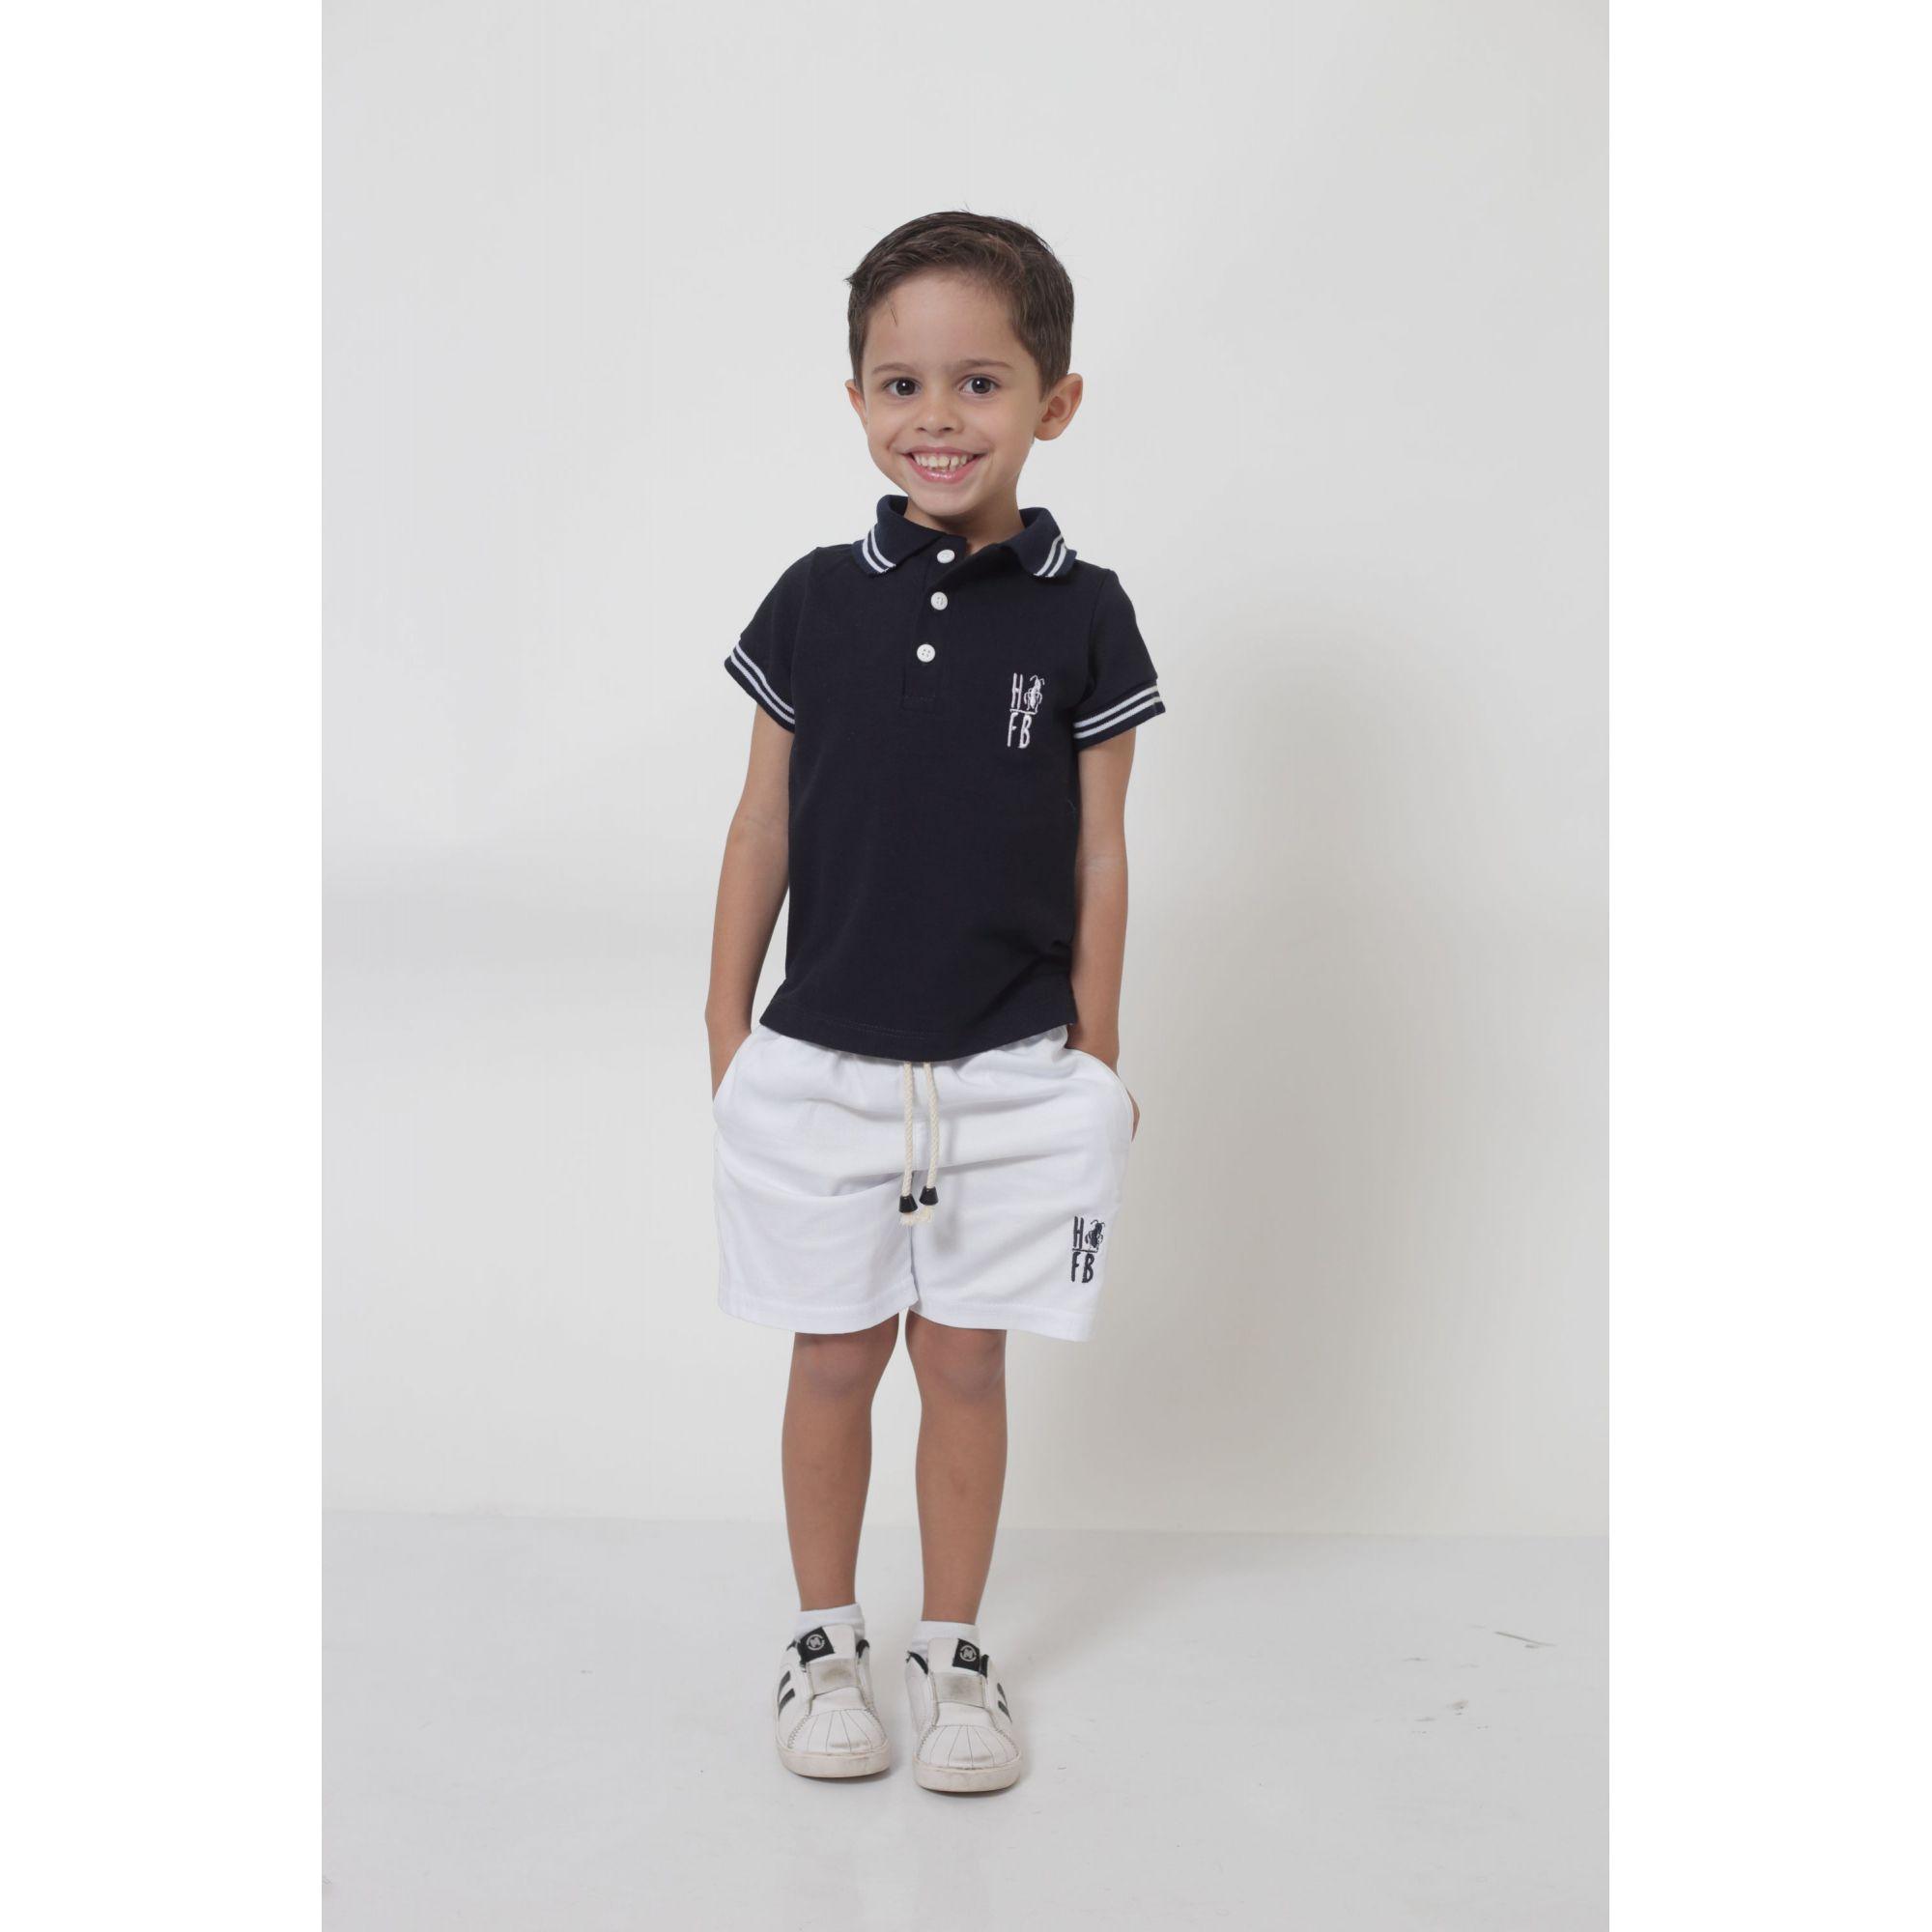 MÃE E FILHO > Kit - Shorts Saia + Bermuda Infantil - Branca [Coleção Tal Mãe Tal Filho]  - Heitor Fashion Brazil